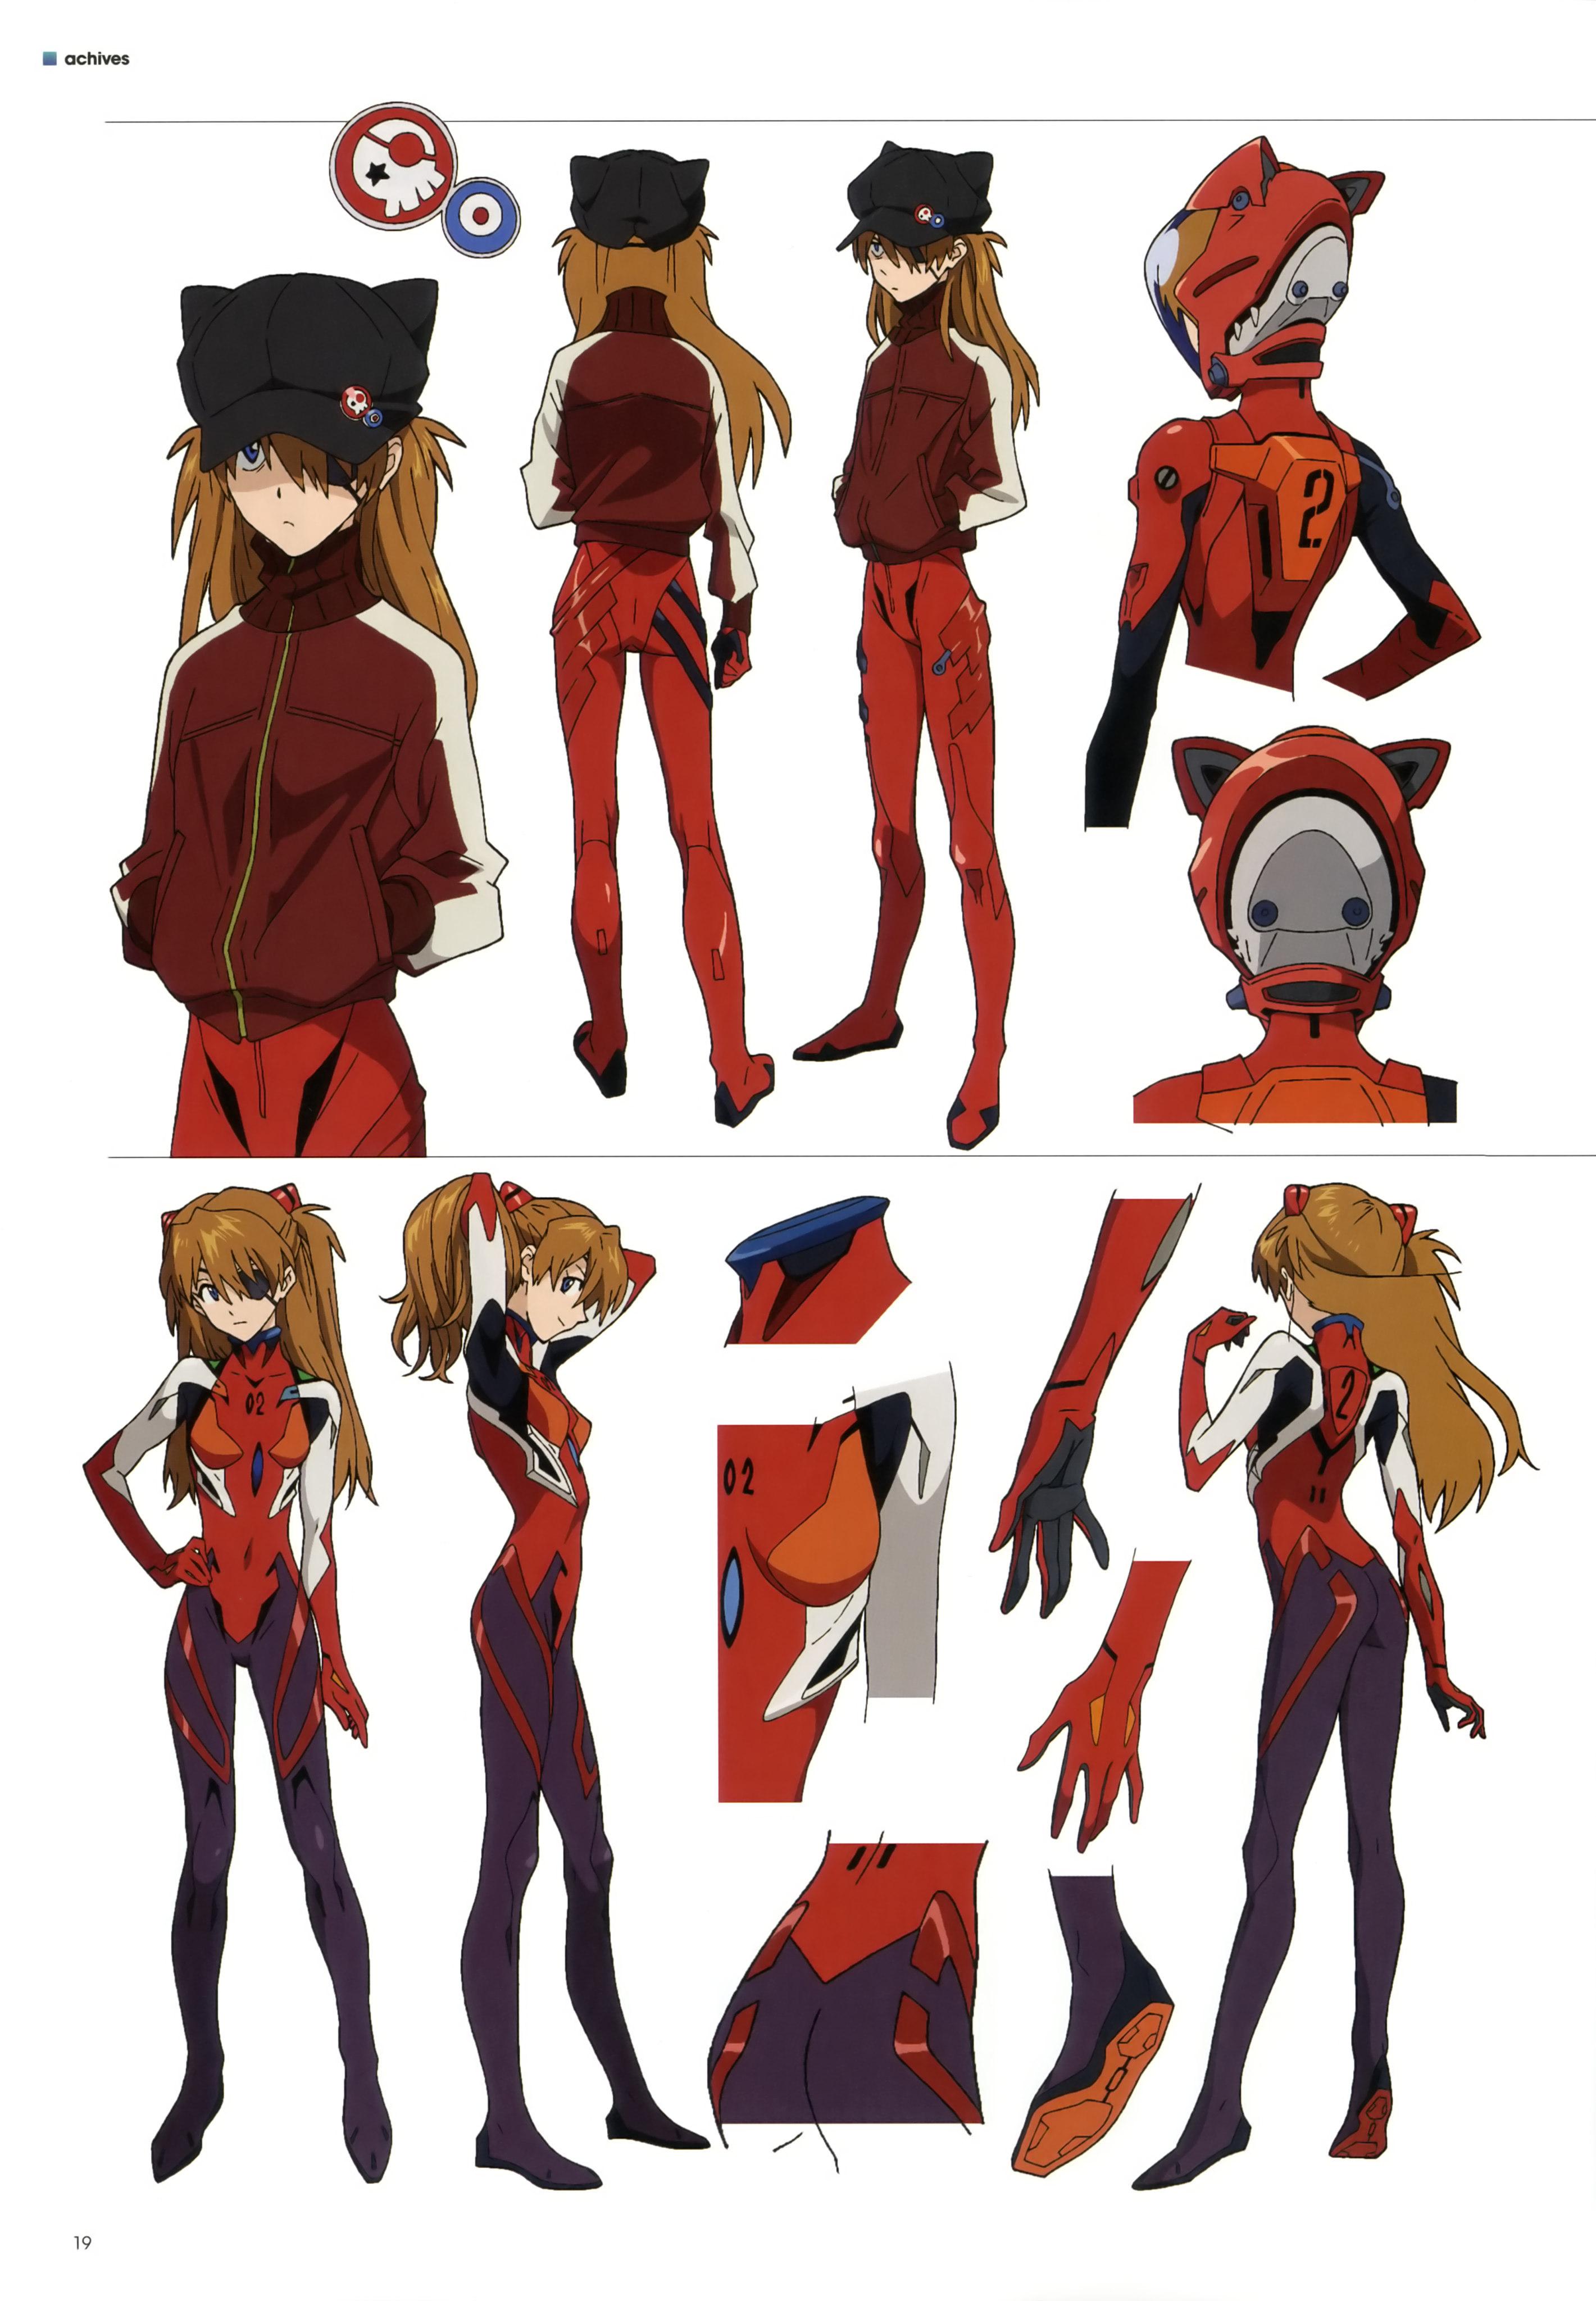 G Anime Character : Souryuu asuka langley soryu neon genesis